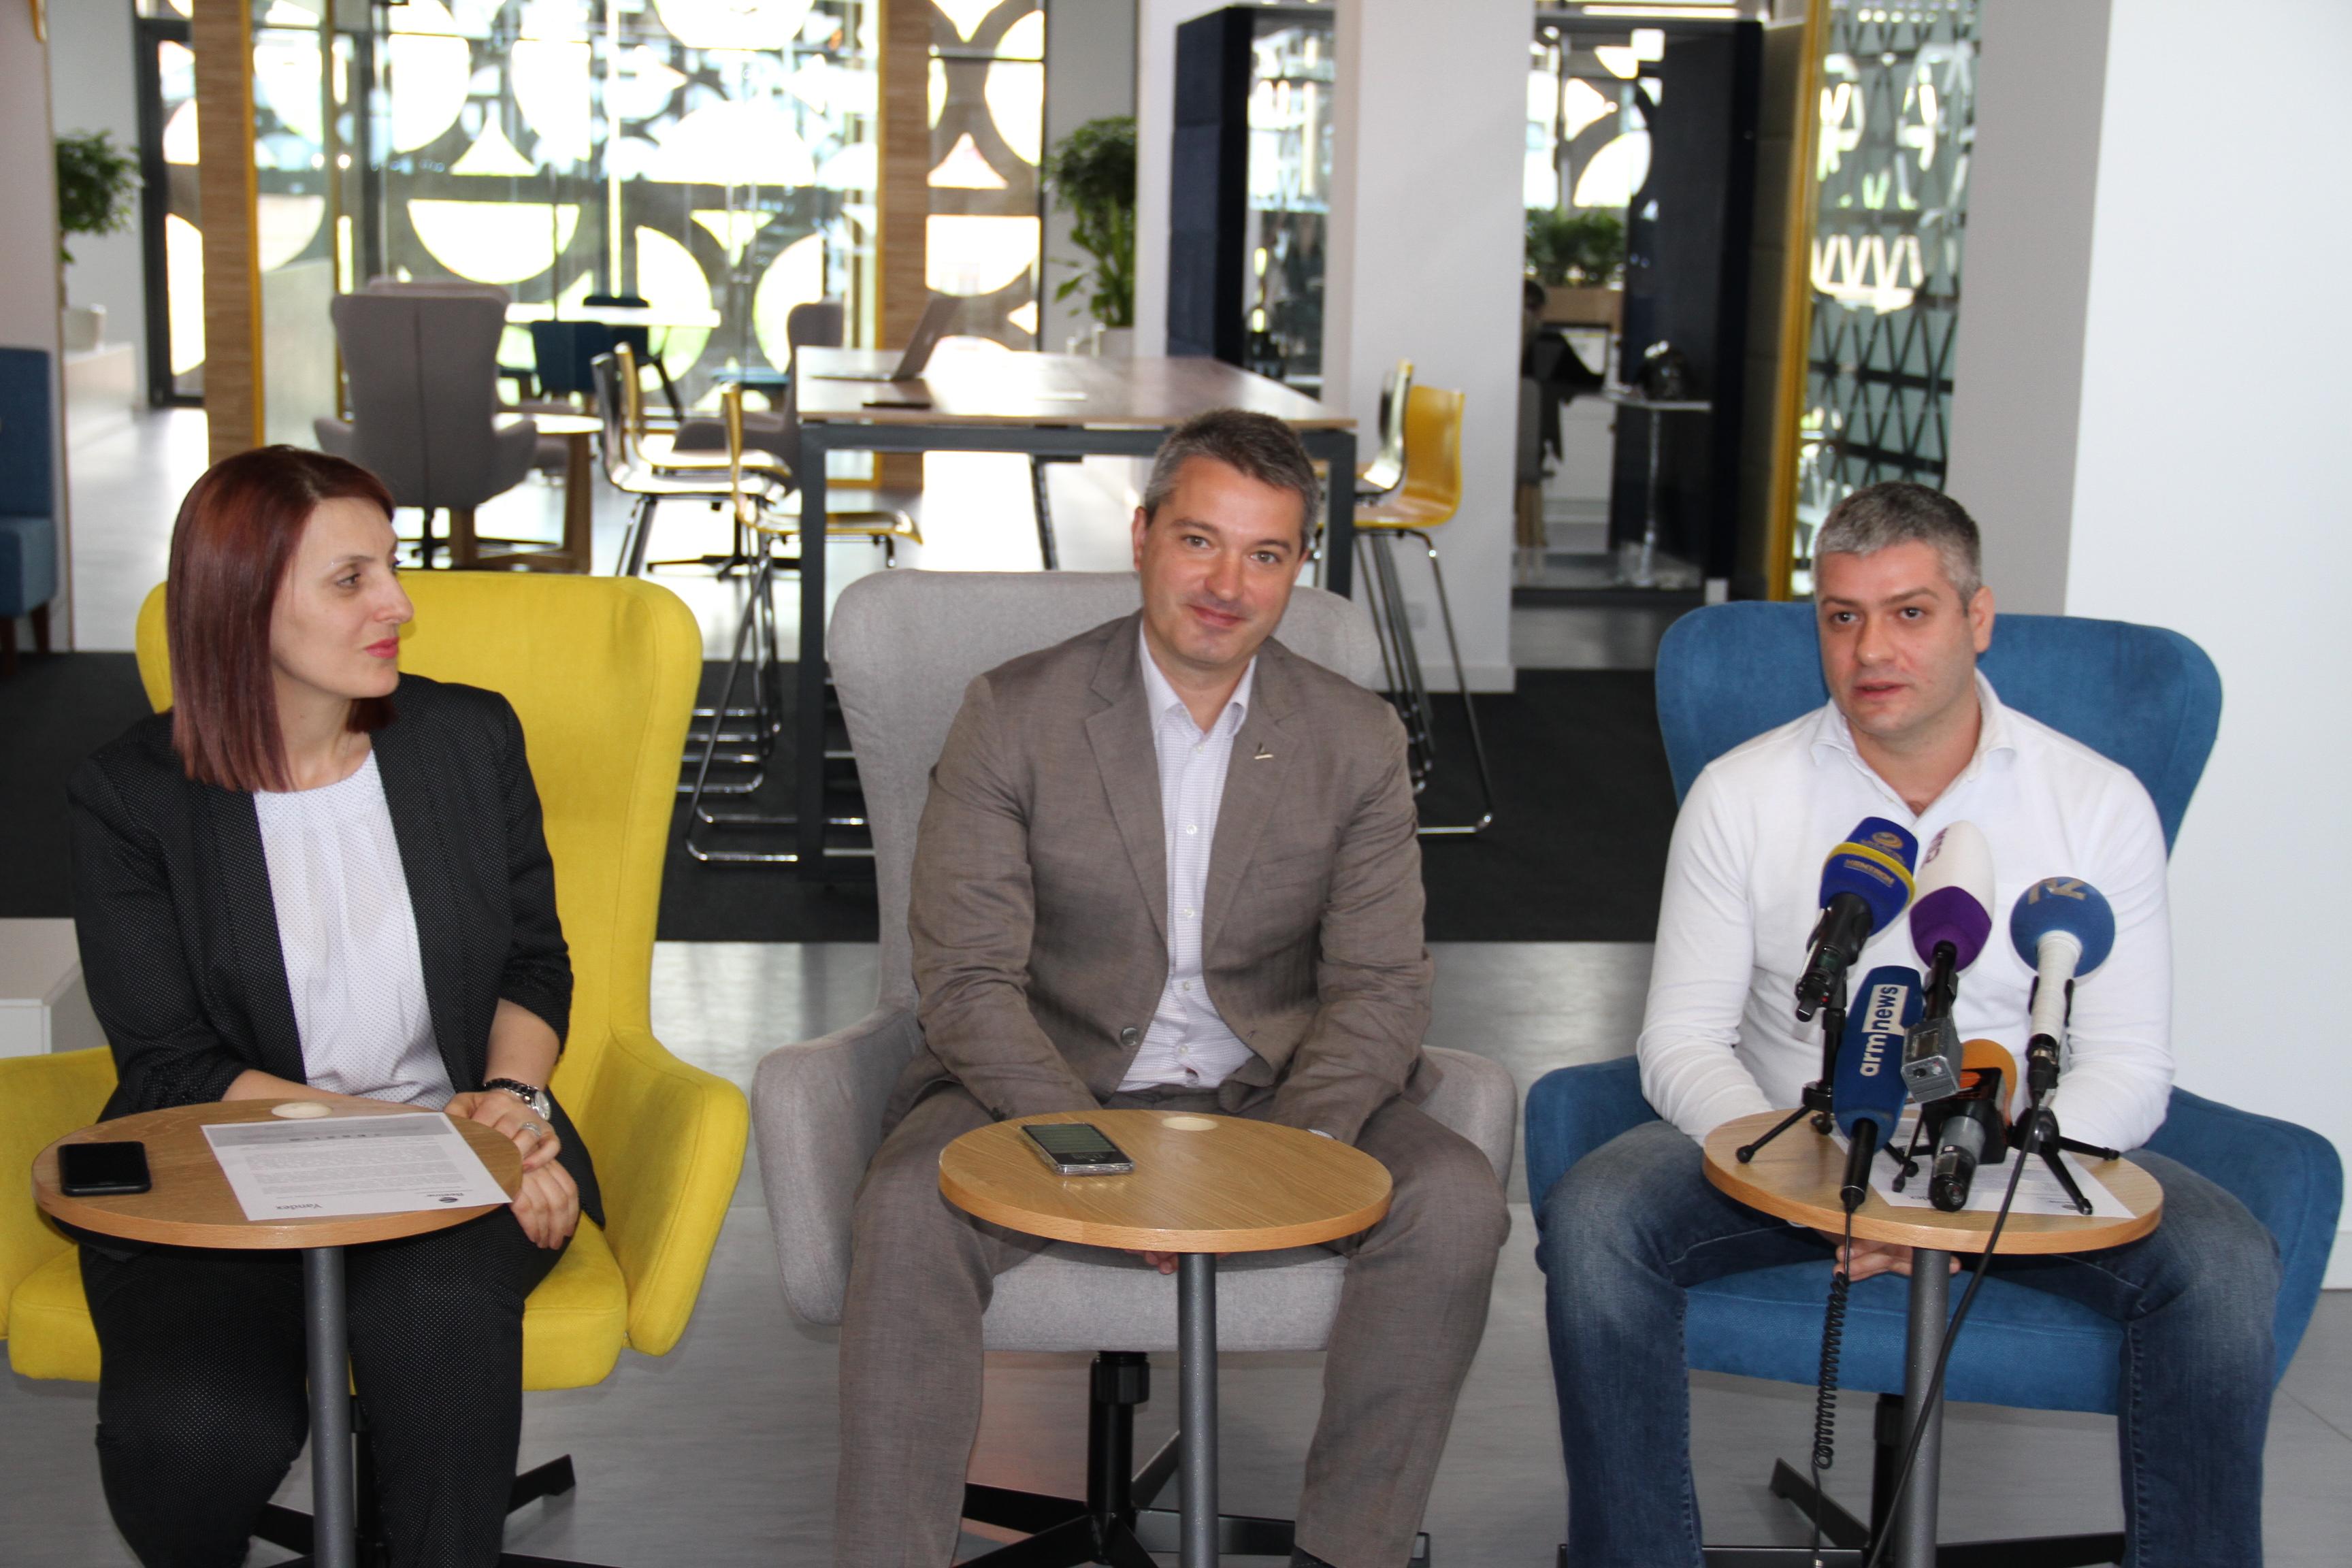 Beeline. Yandex-ի ծառայություններ՝ առանց ինտերնետի համար վճարելու